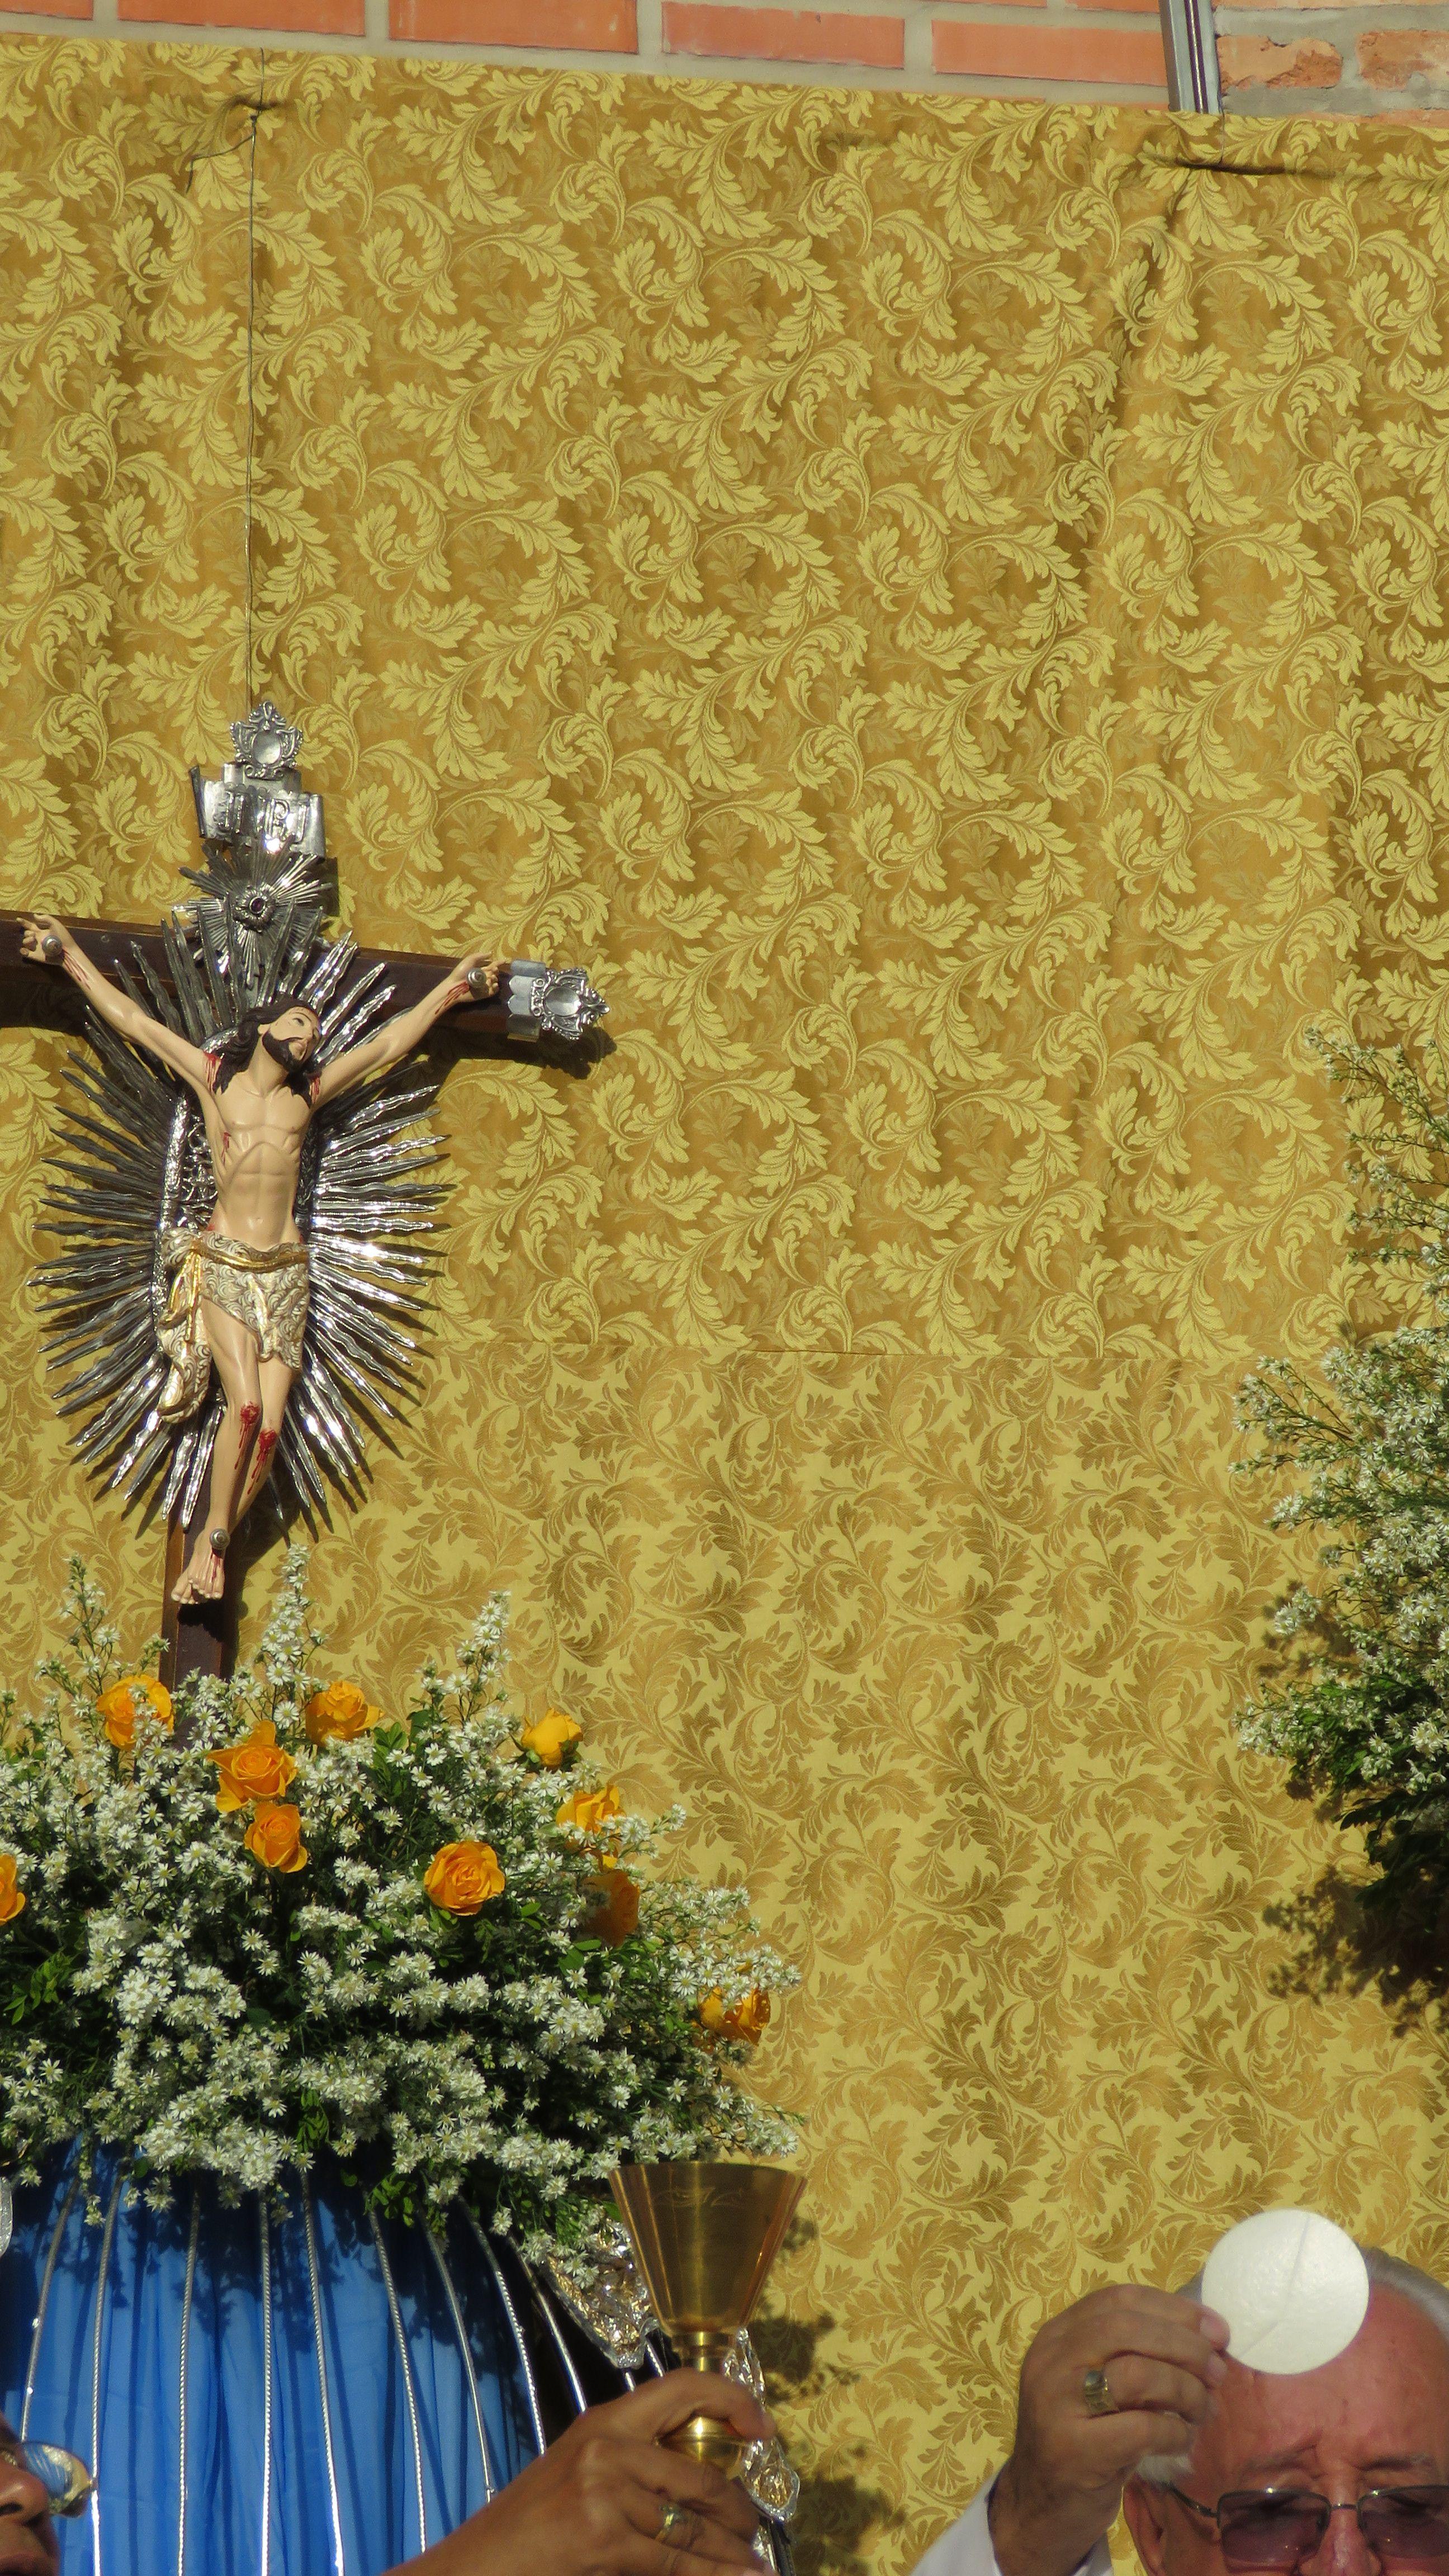 Imagem Do Bom Jesus Cidade De Bom Jesus Da Lapa Bahia Brasil